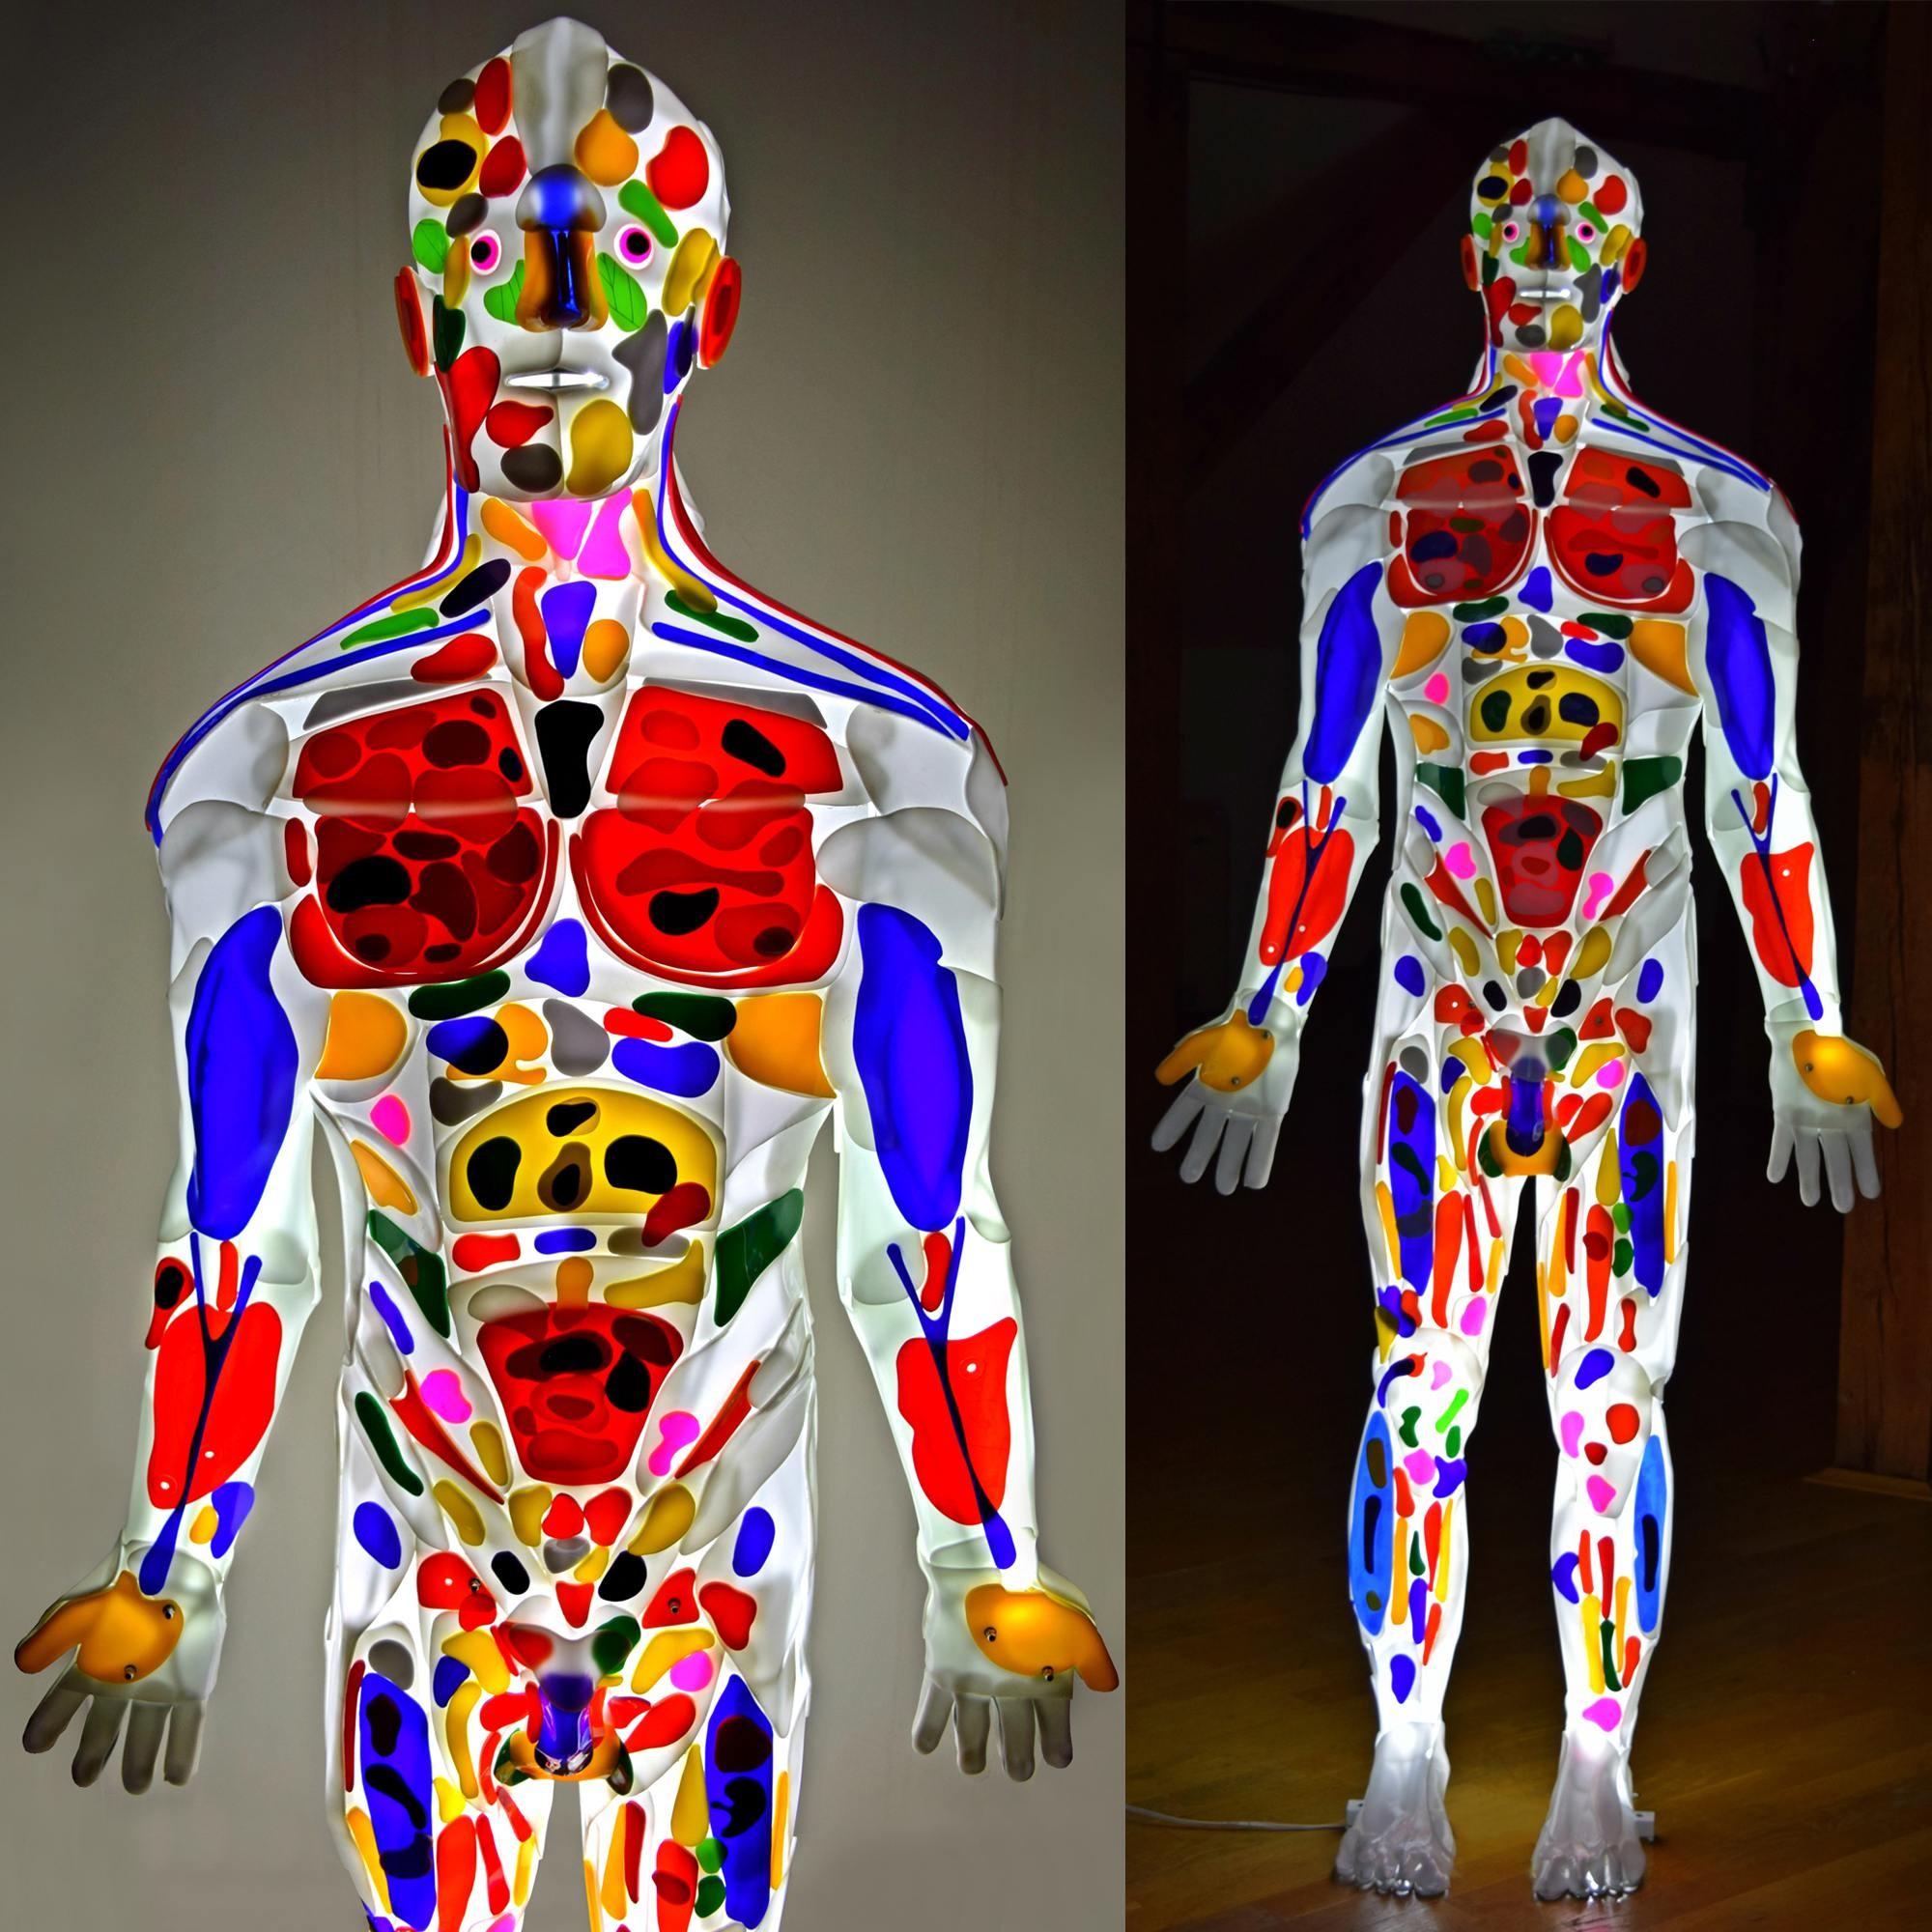 Enlightened man is a light sculpture of man made from Plexiglas.